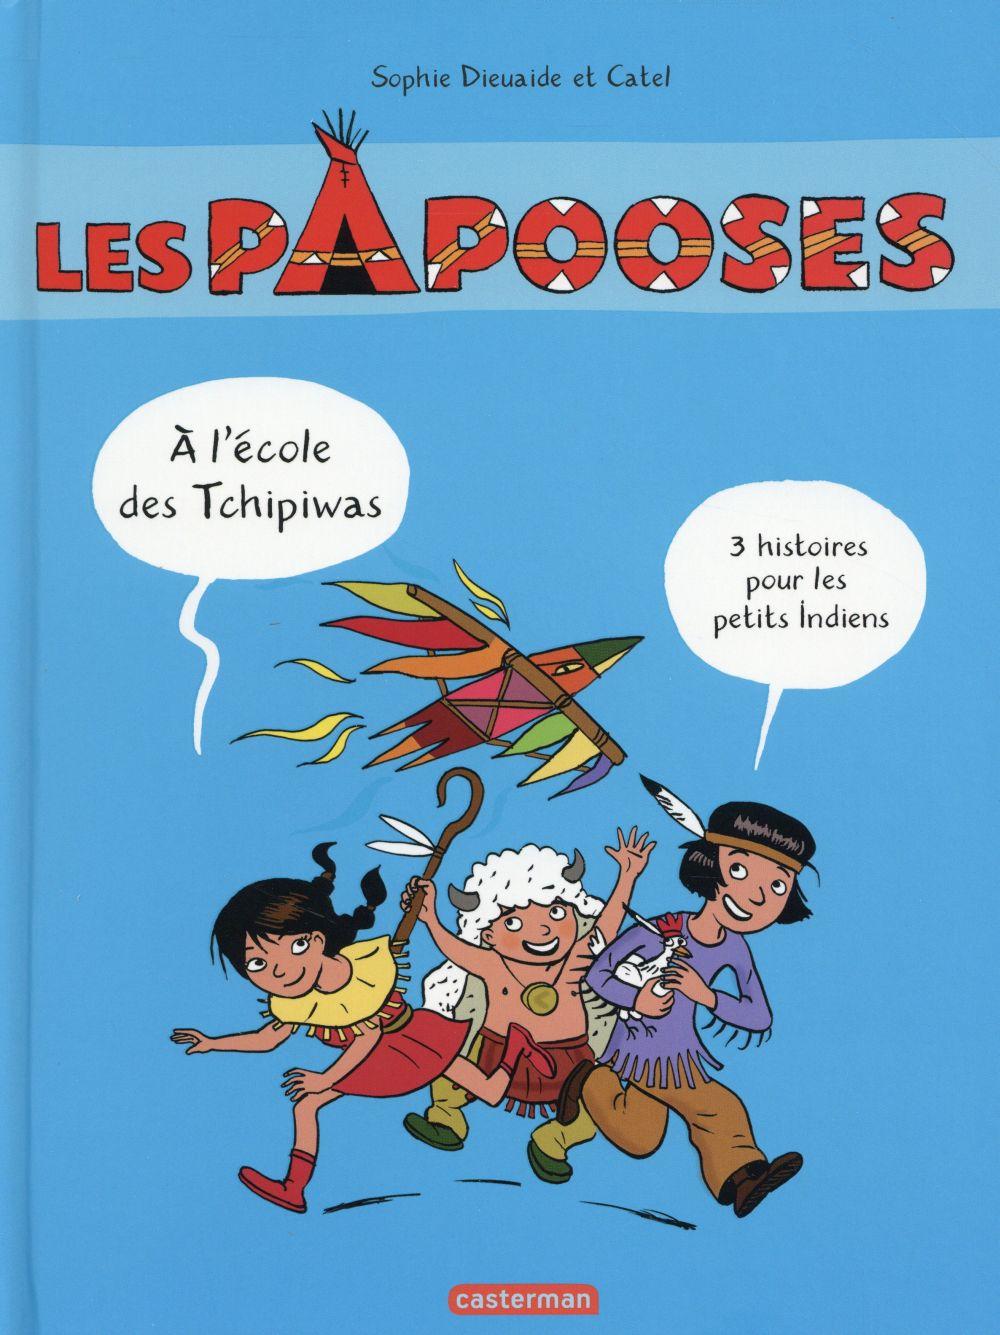 Les Papooses A l'école des Papooses Un très très grand sorcier Du rififi dans la prairie La colère de l'oiseau tonnerre A l'école des Tchipiwas